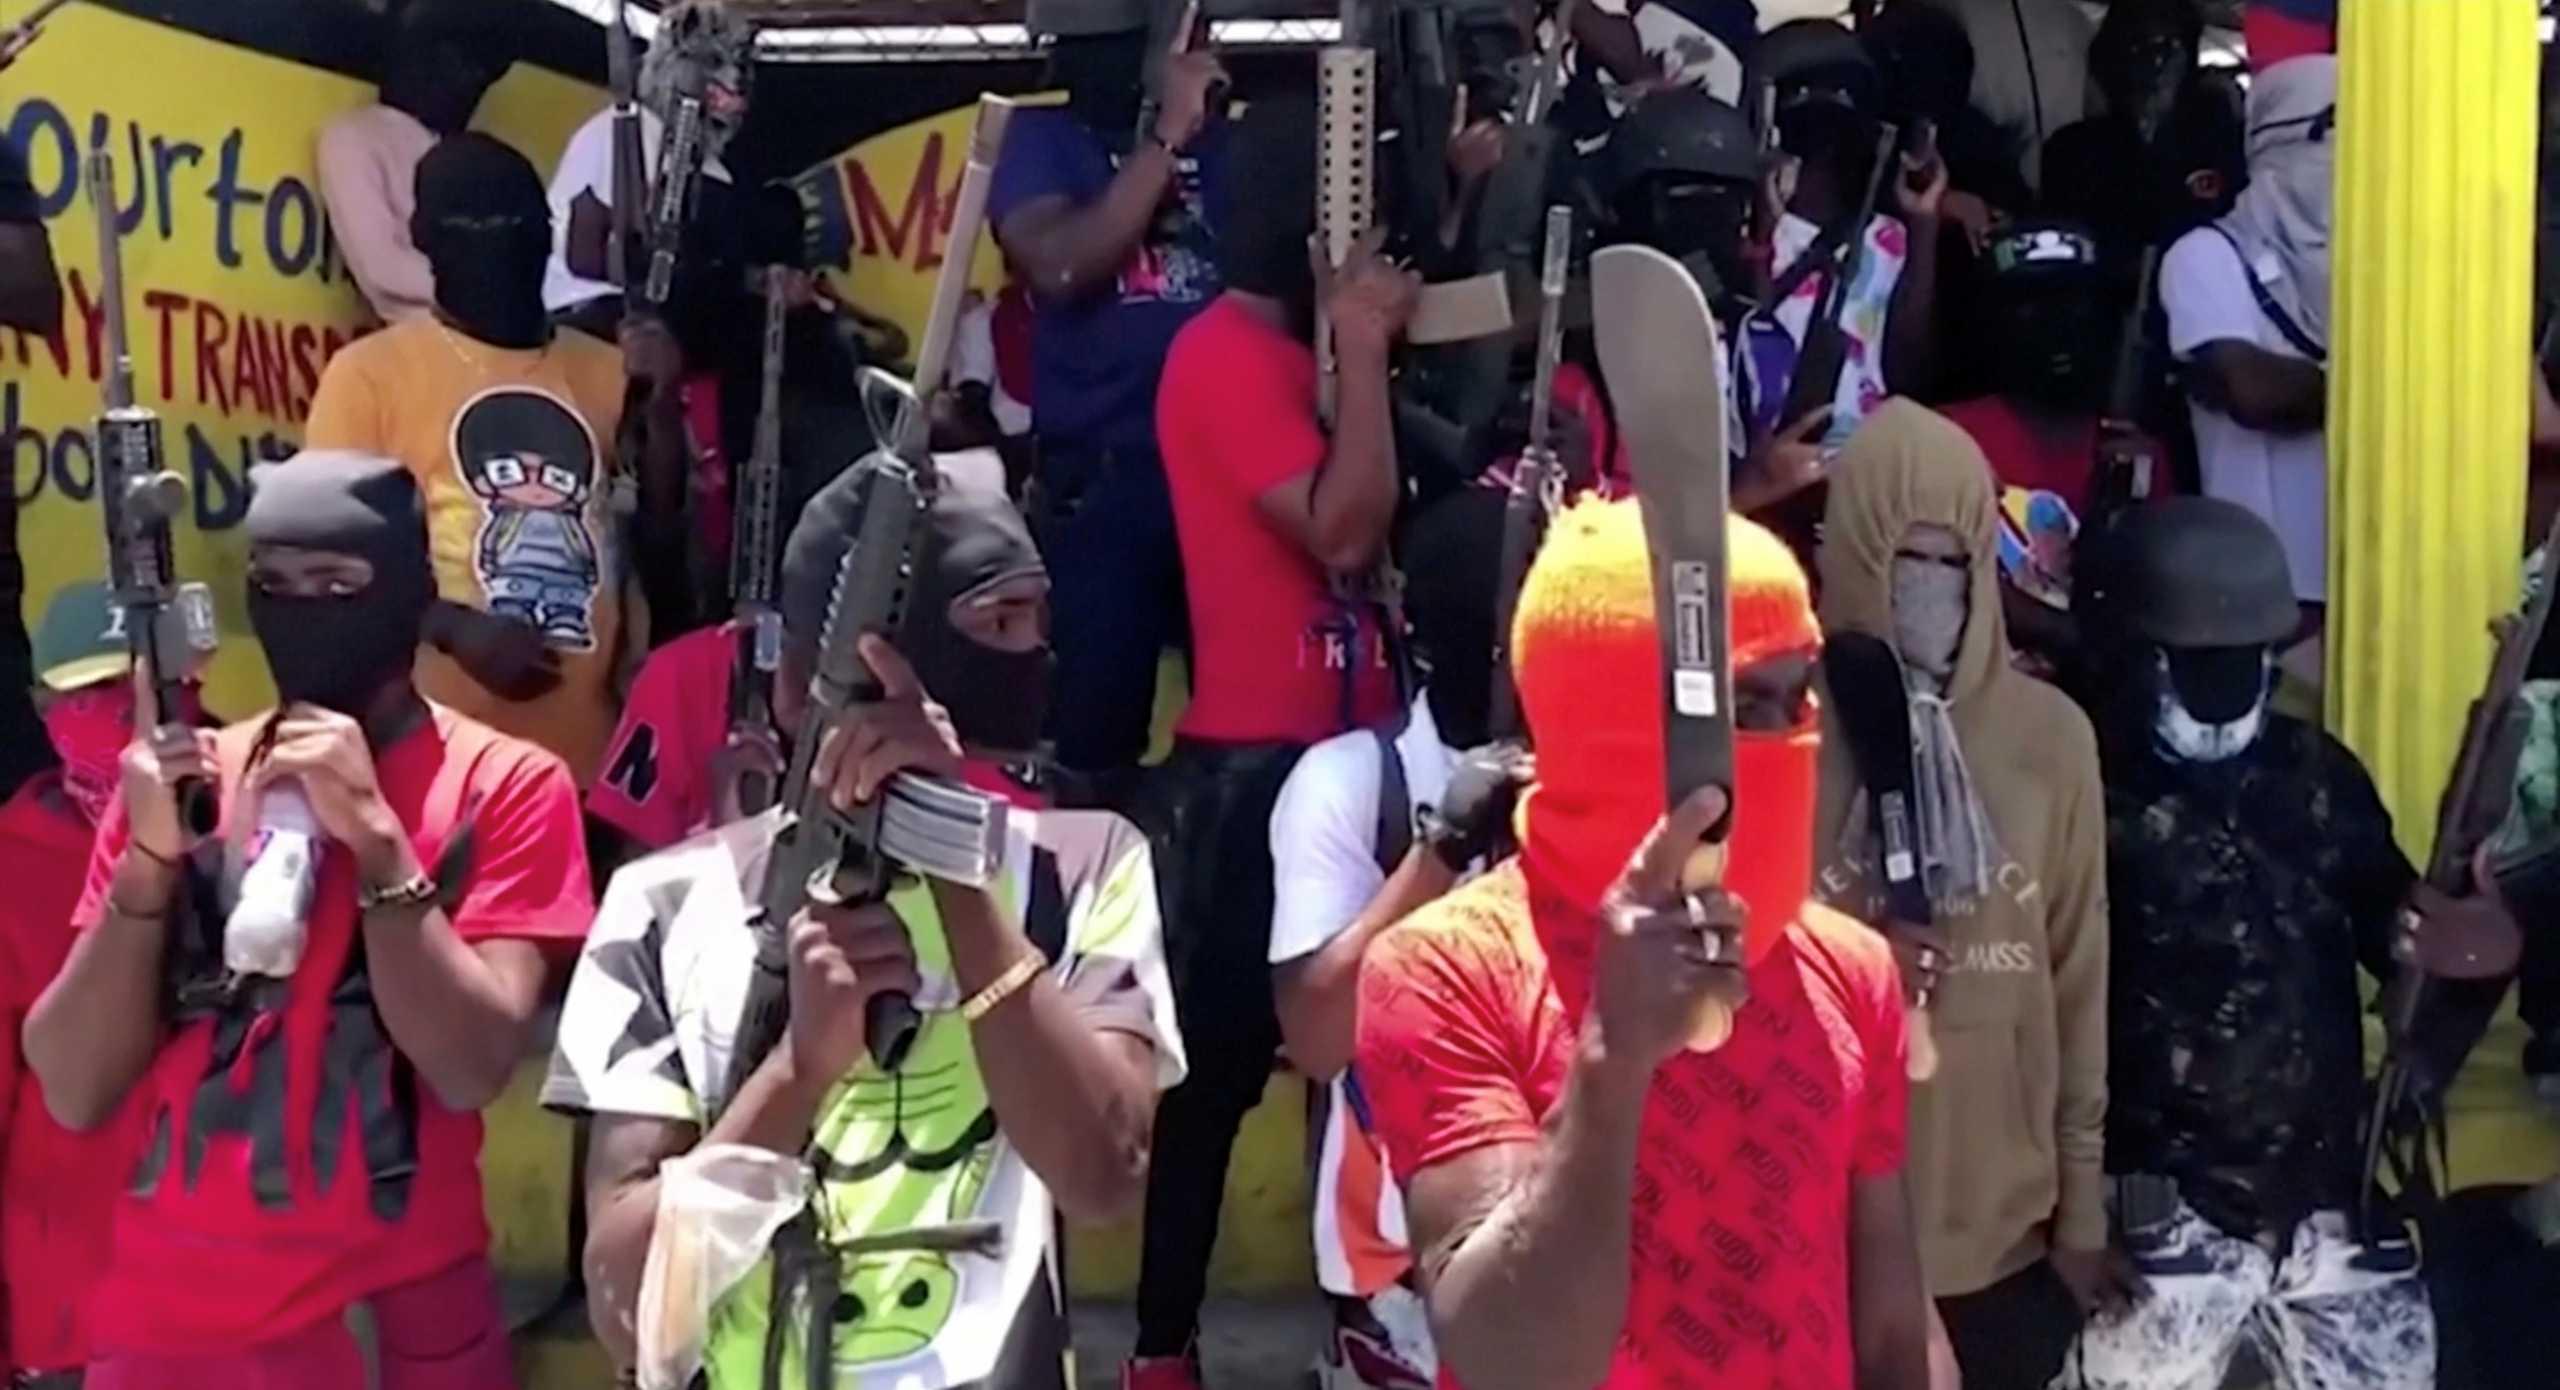 Μακελειό στην Αϊτή! Αντίποινα για το θάνατο αστυνομικού με… 15 δολοφονίες – ΣΟΚΑΡΙΣΤΙΚΕΣ ΕΙΚΟΝΕΣ